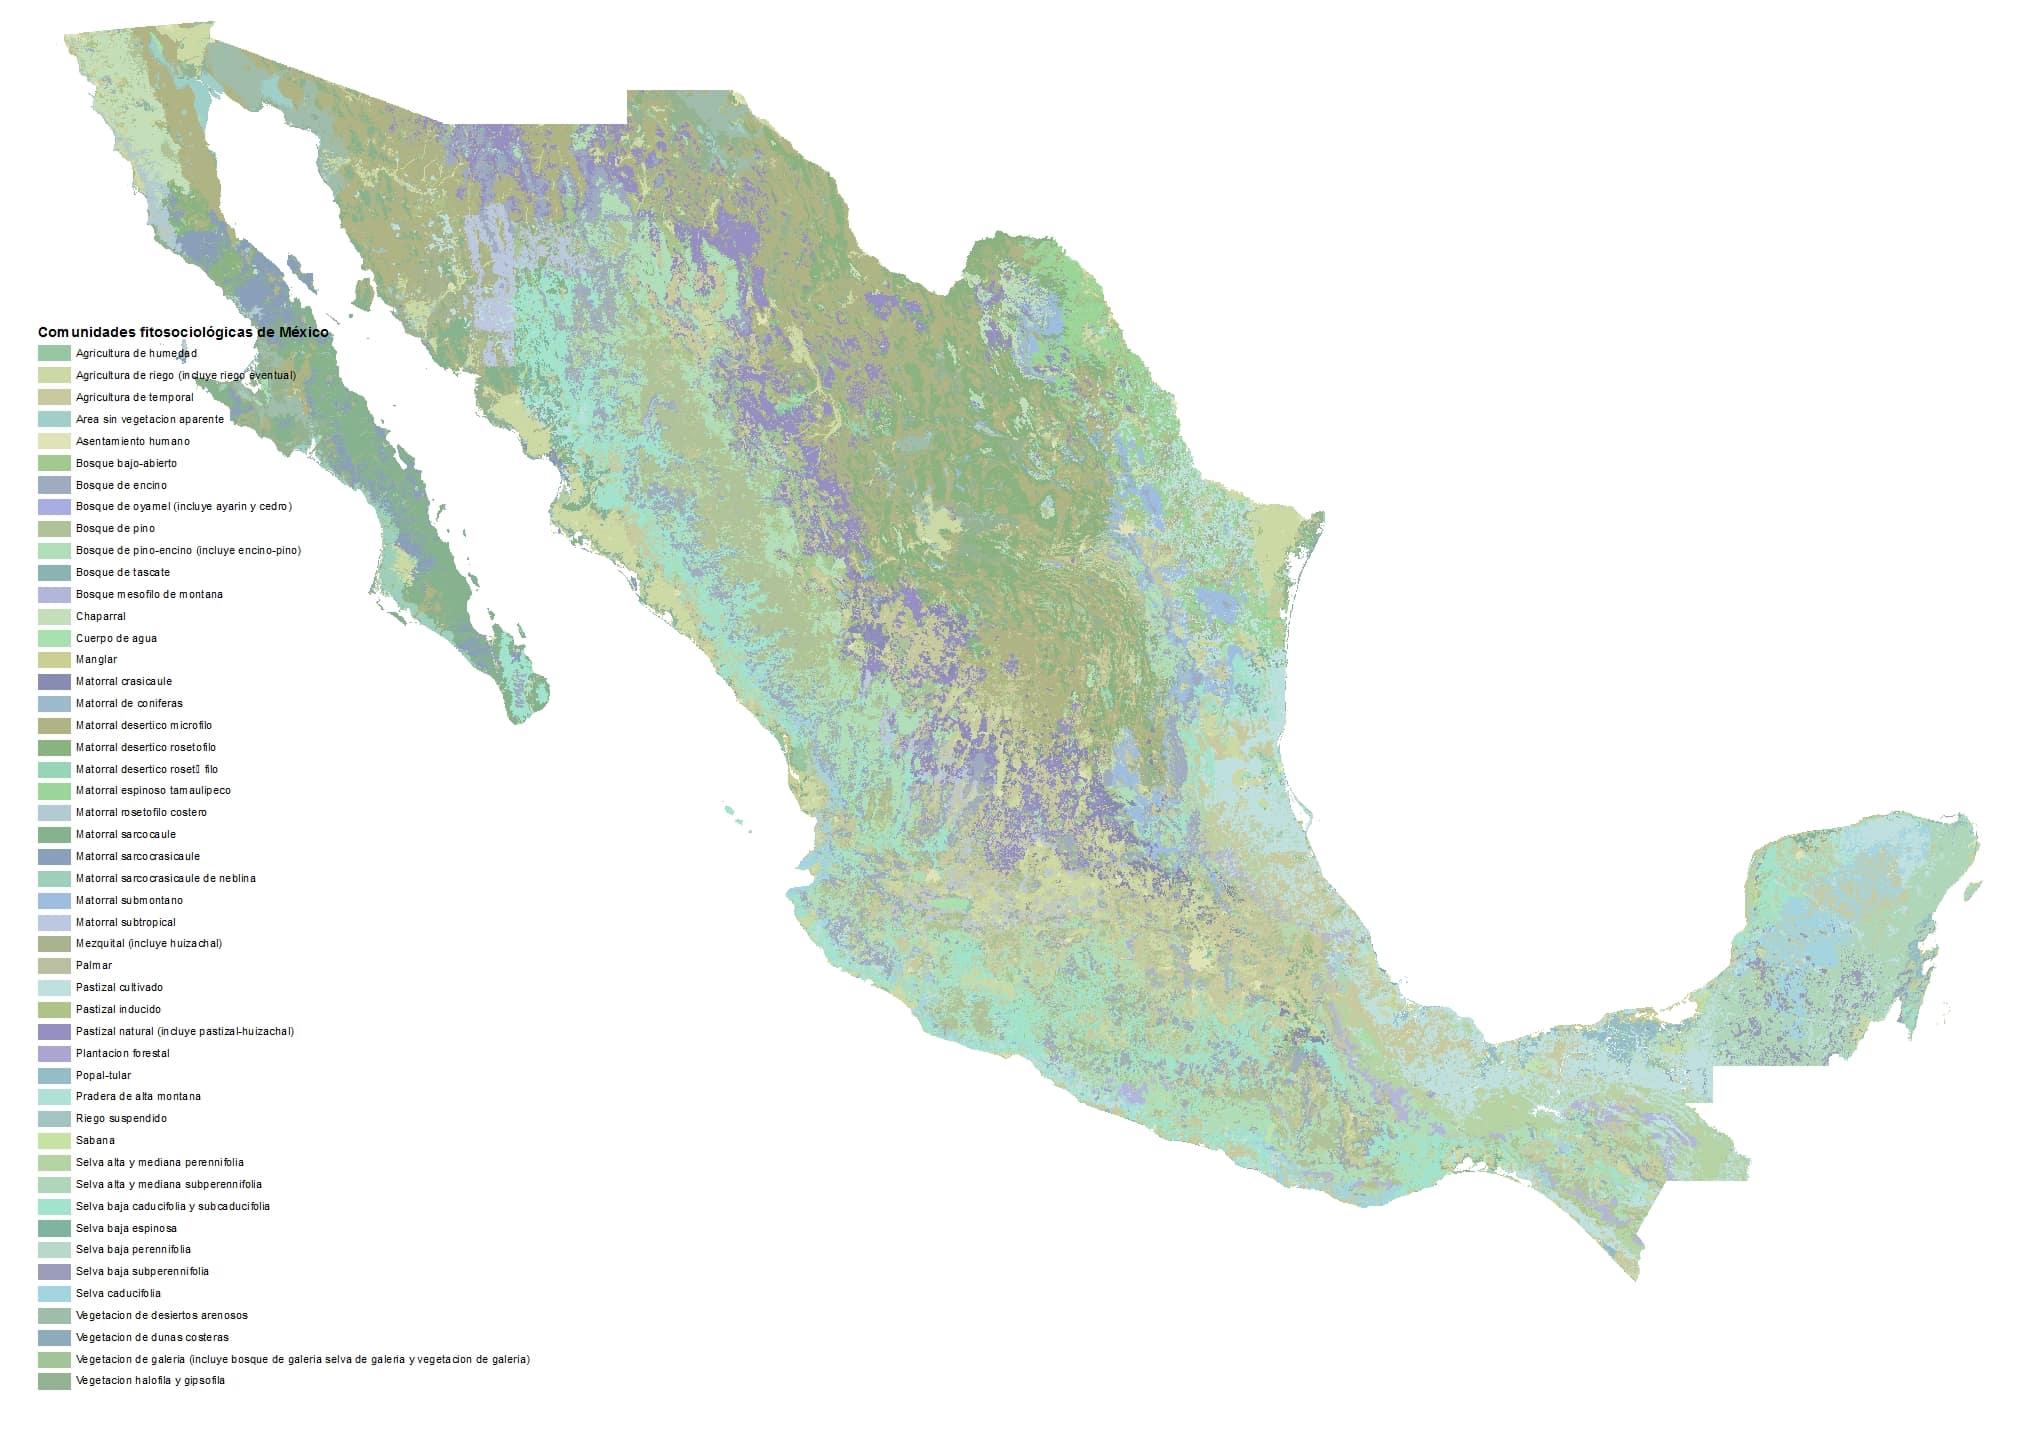 Comunidades-fitosociologicas-Mexico